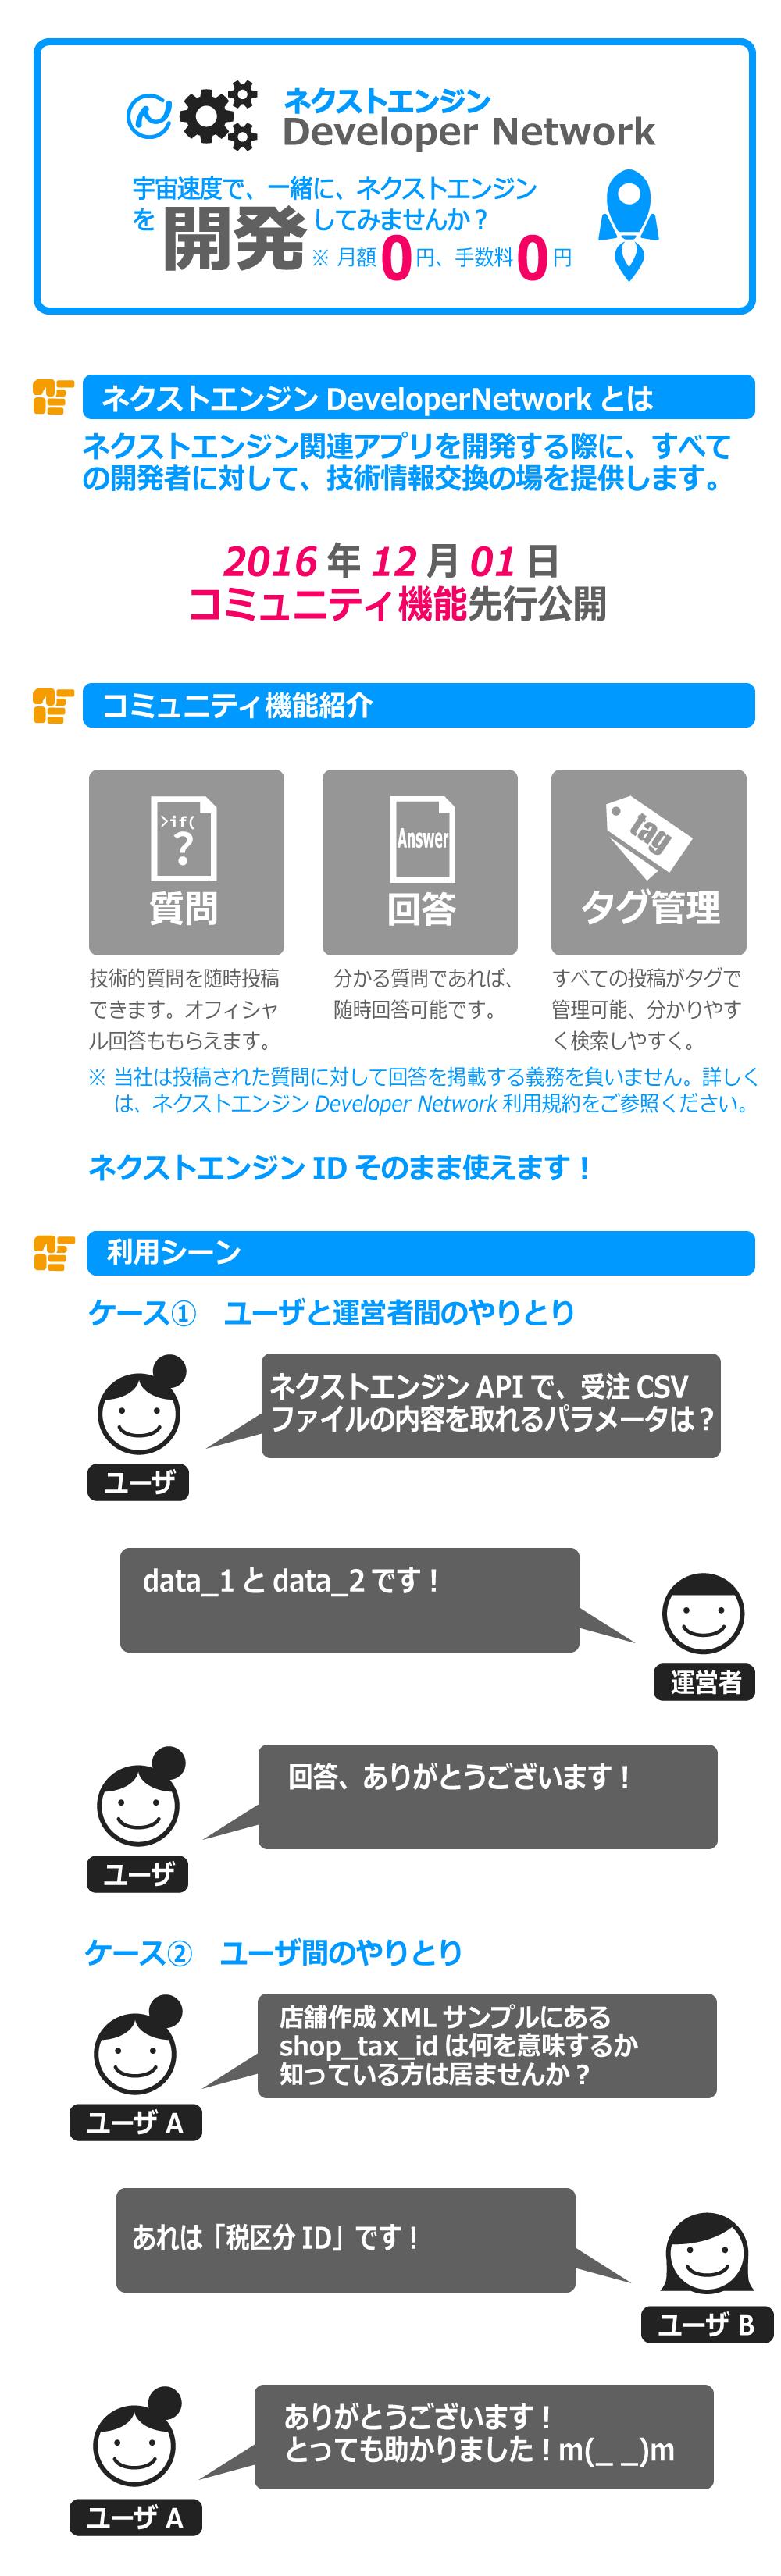 ネクストエンジン Developer Network